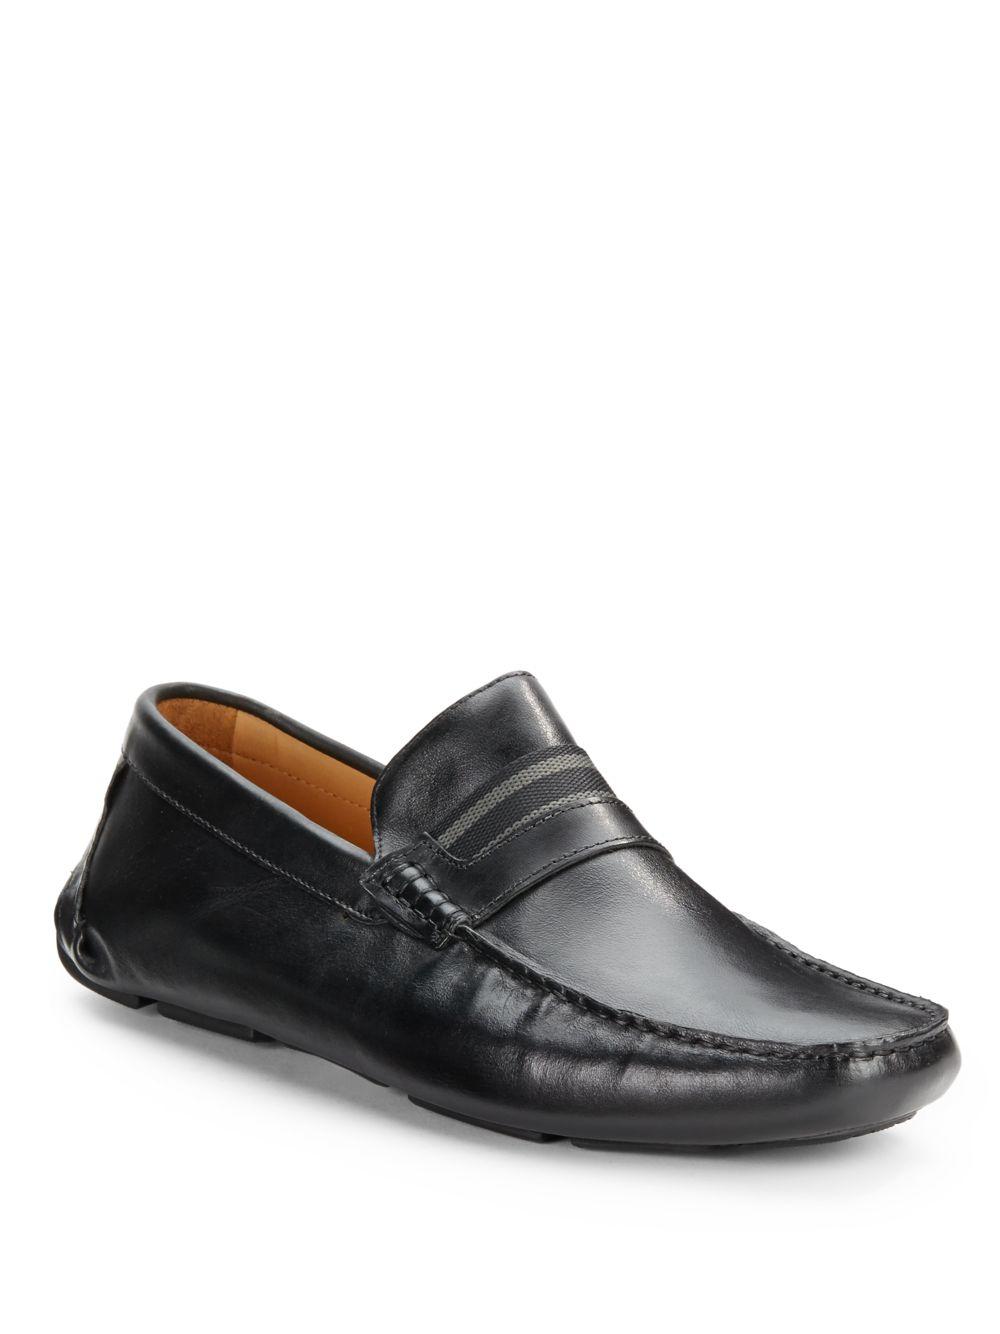 Saks Fifth Avenue Jimmy Choo Shoe Sale